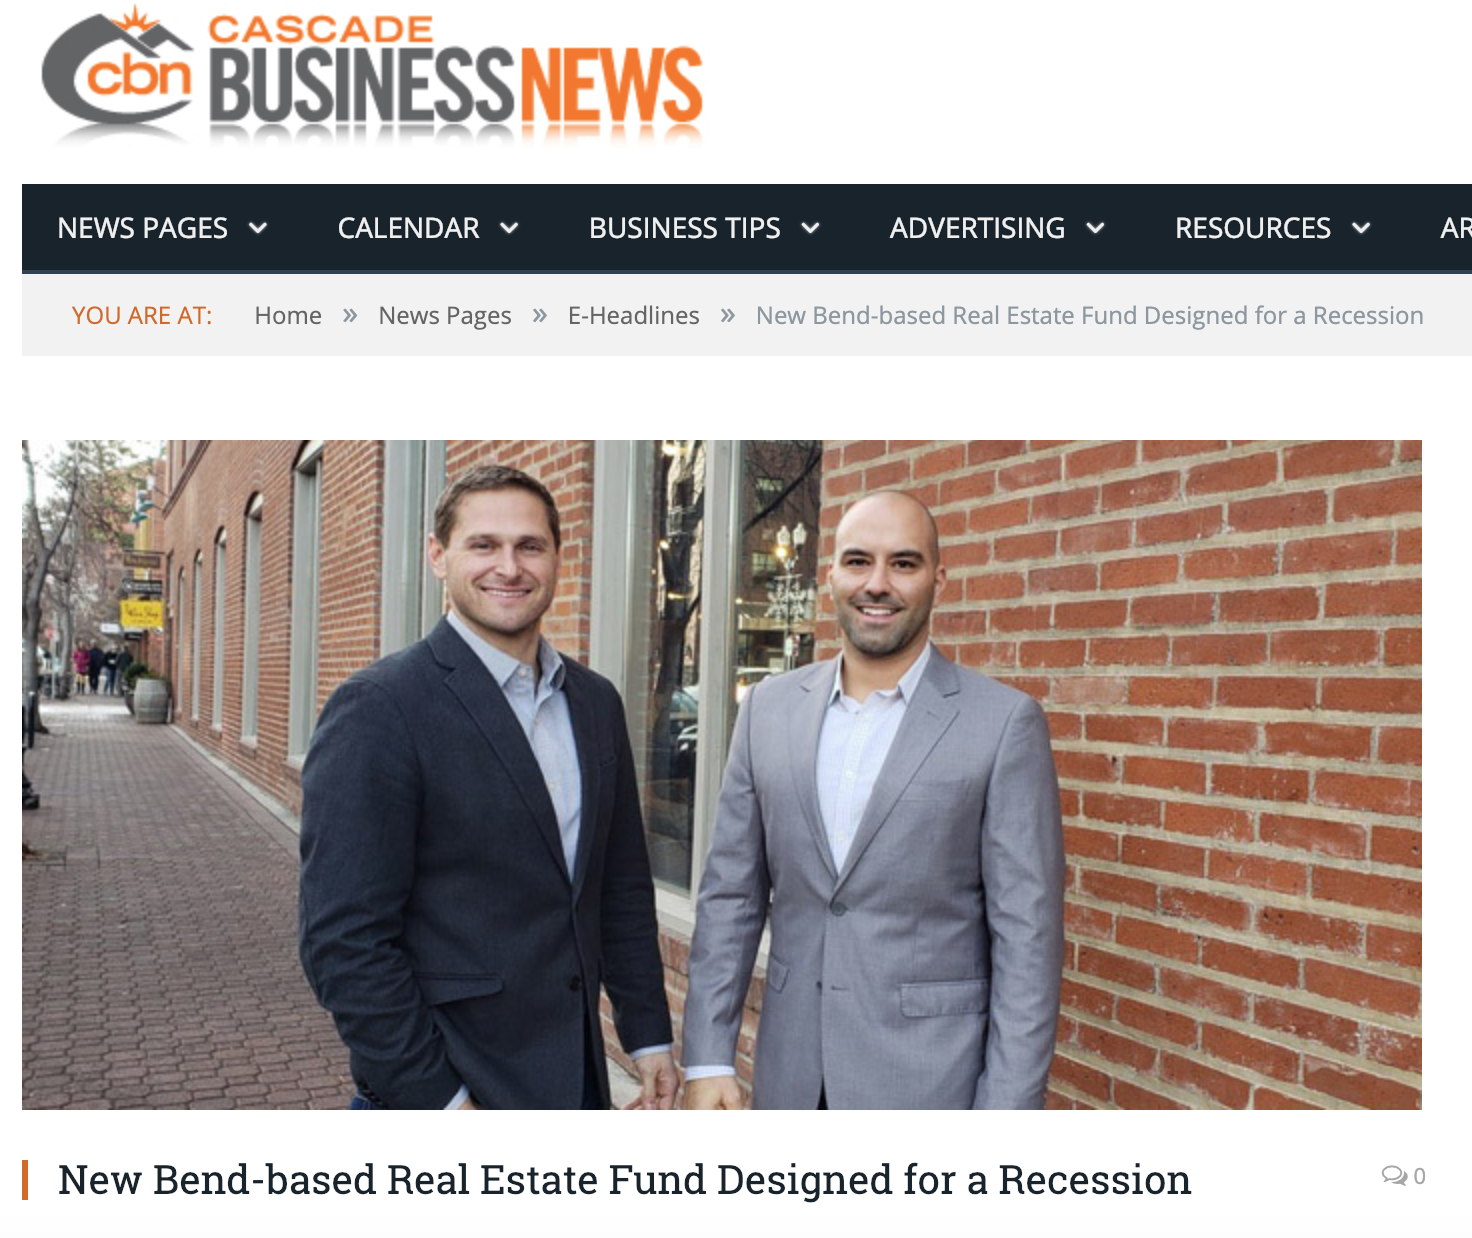 cascade business news